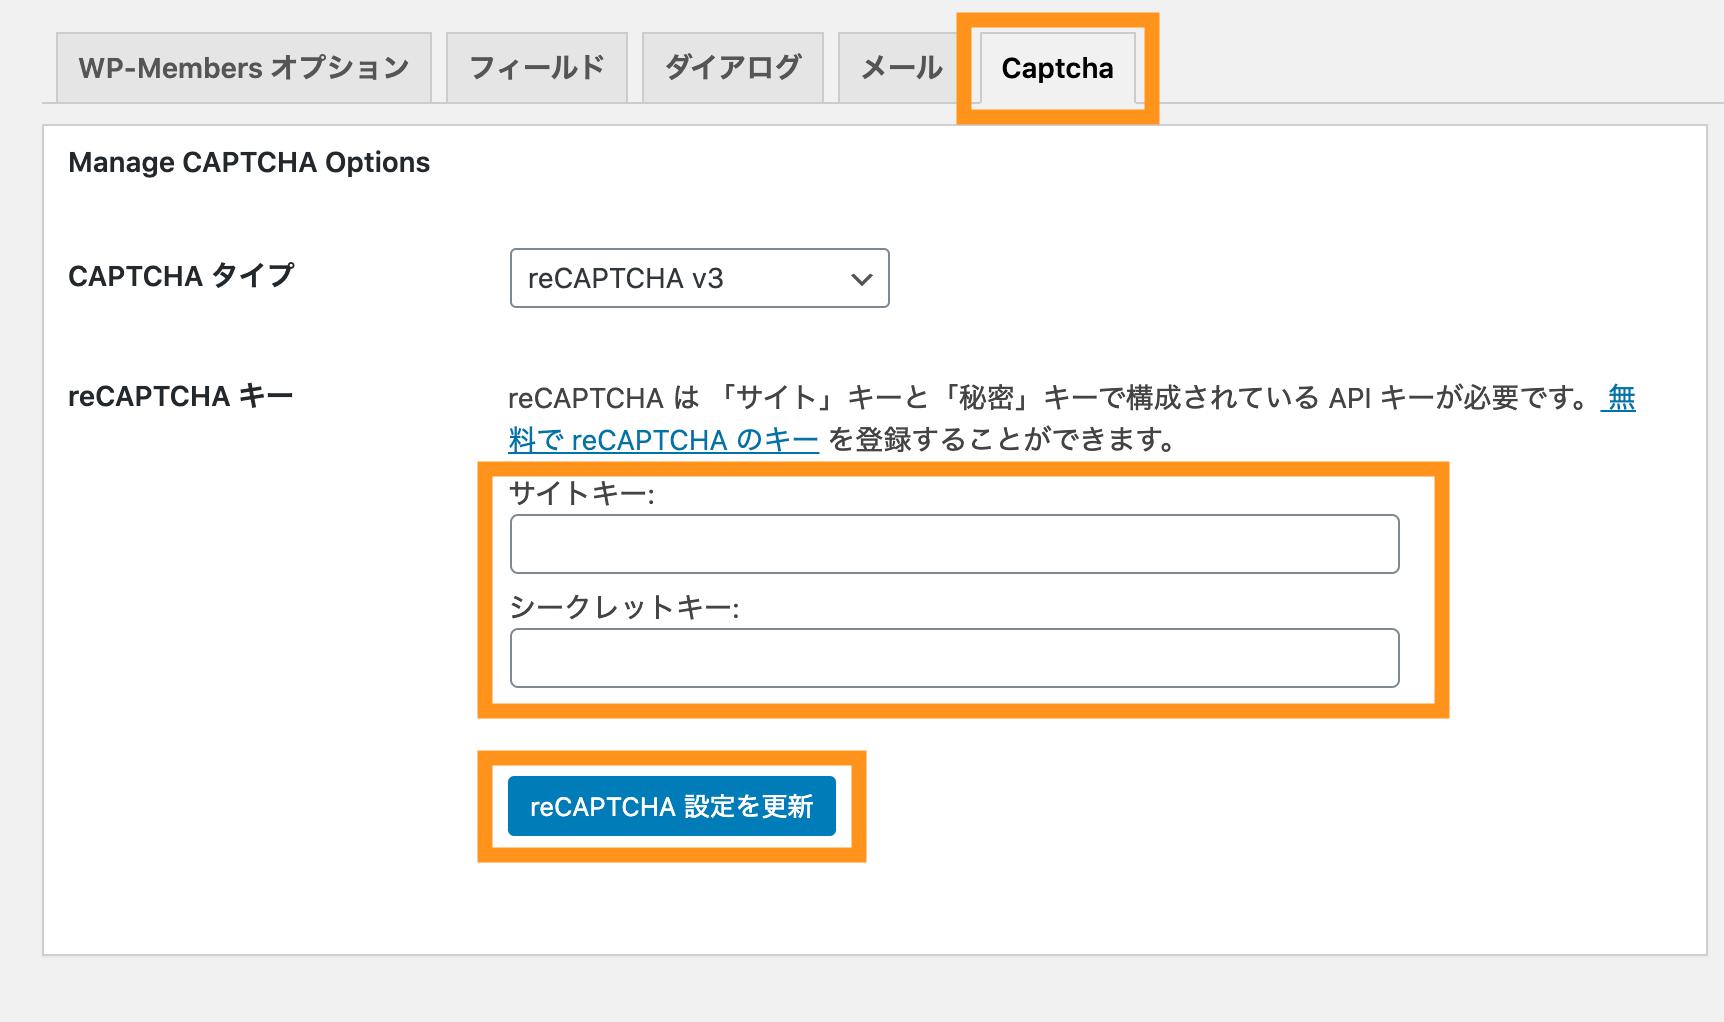 WP MembersにreCAPTCHAを設定